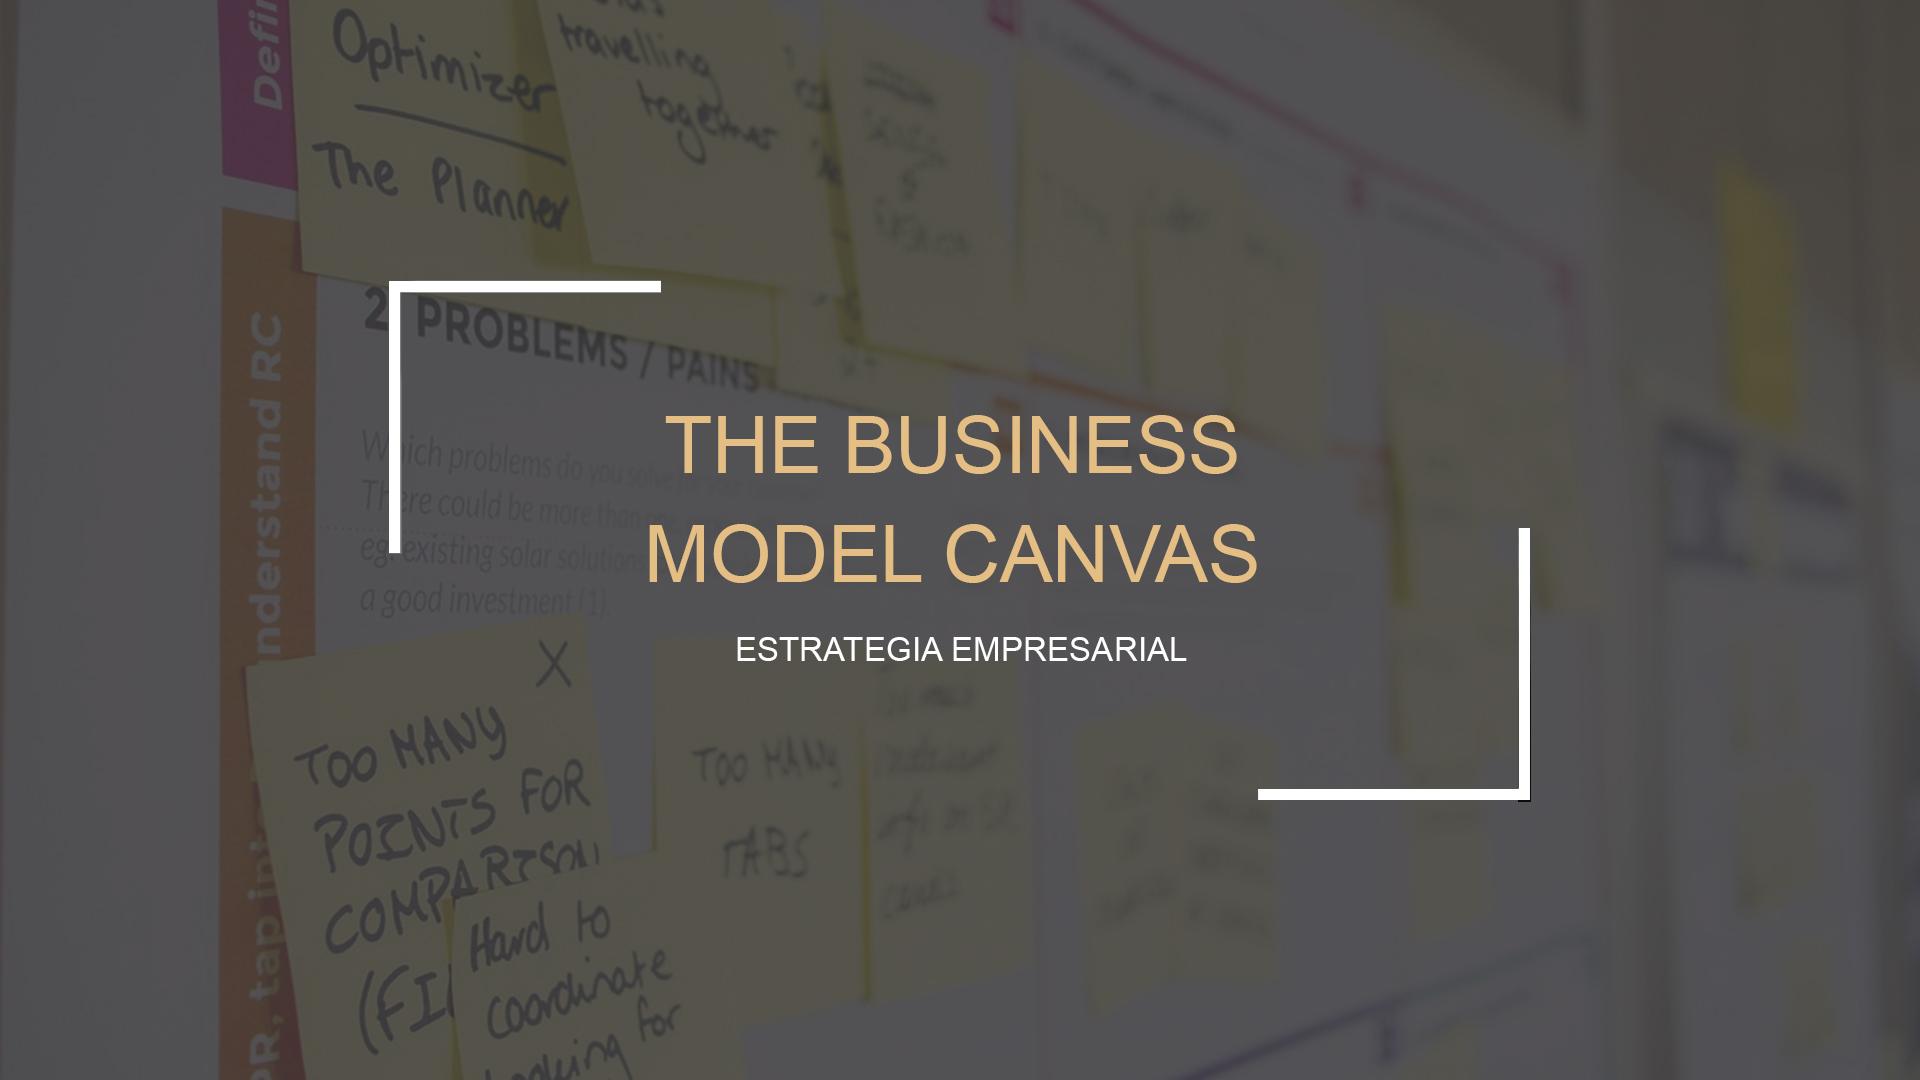 Cómo definir y mejorar la estrategia de ventas de su negocio